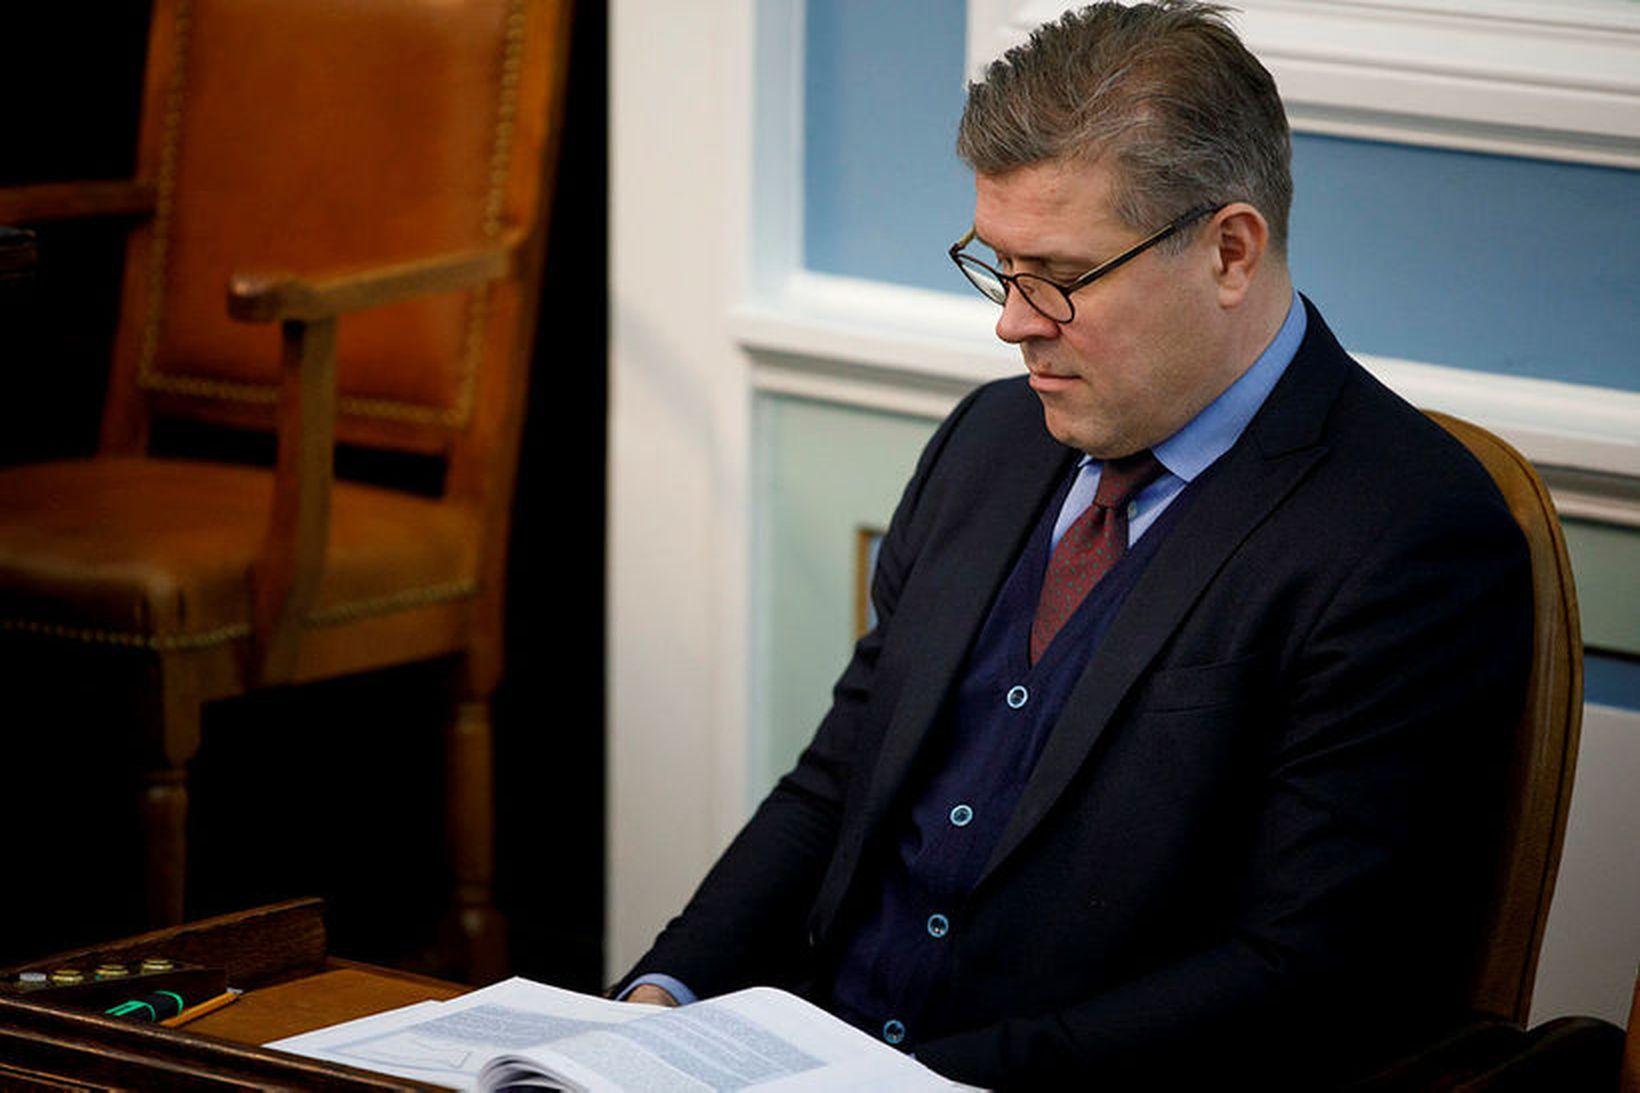 Bjarni Benediktsson, fjármálaráðherra og formaður Sjálfstæðisflokksins.